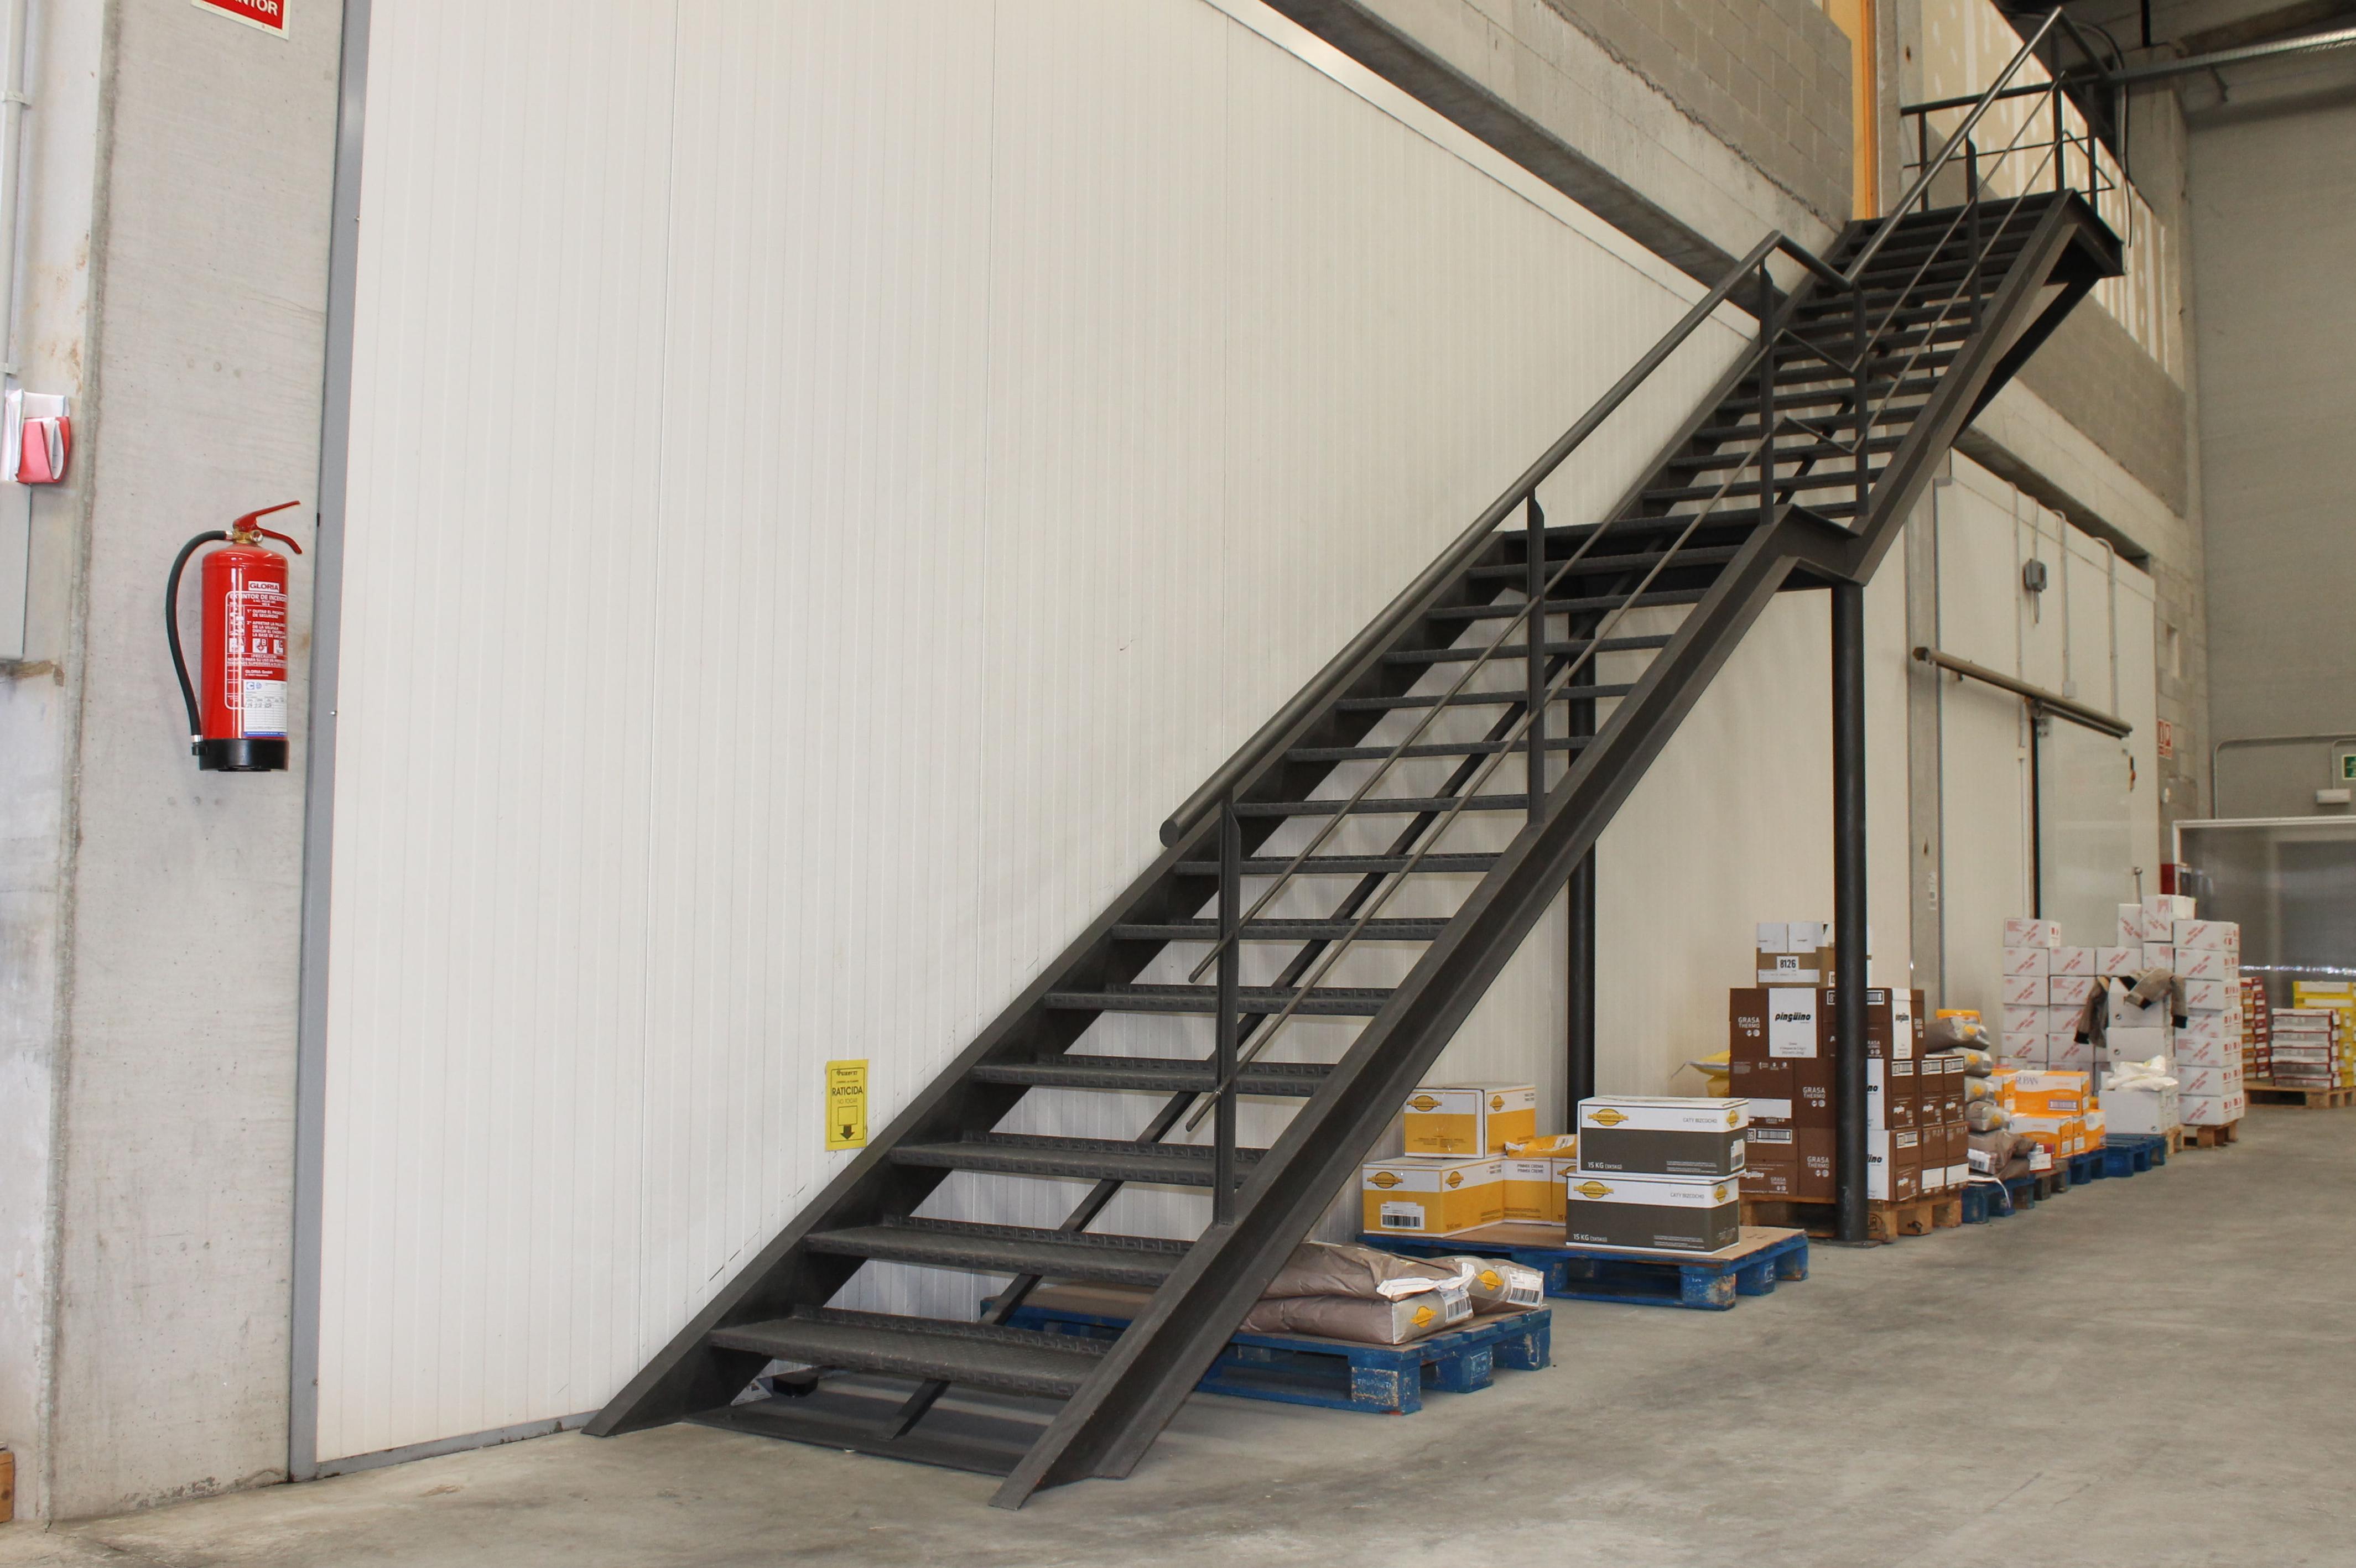 Escaleras de hierro nuestros productos de met licas copado for Como hacer una escalera de hierro para interior